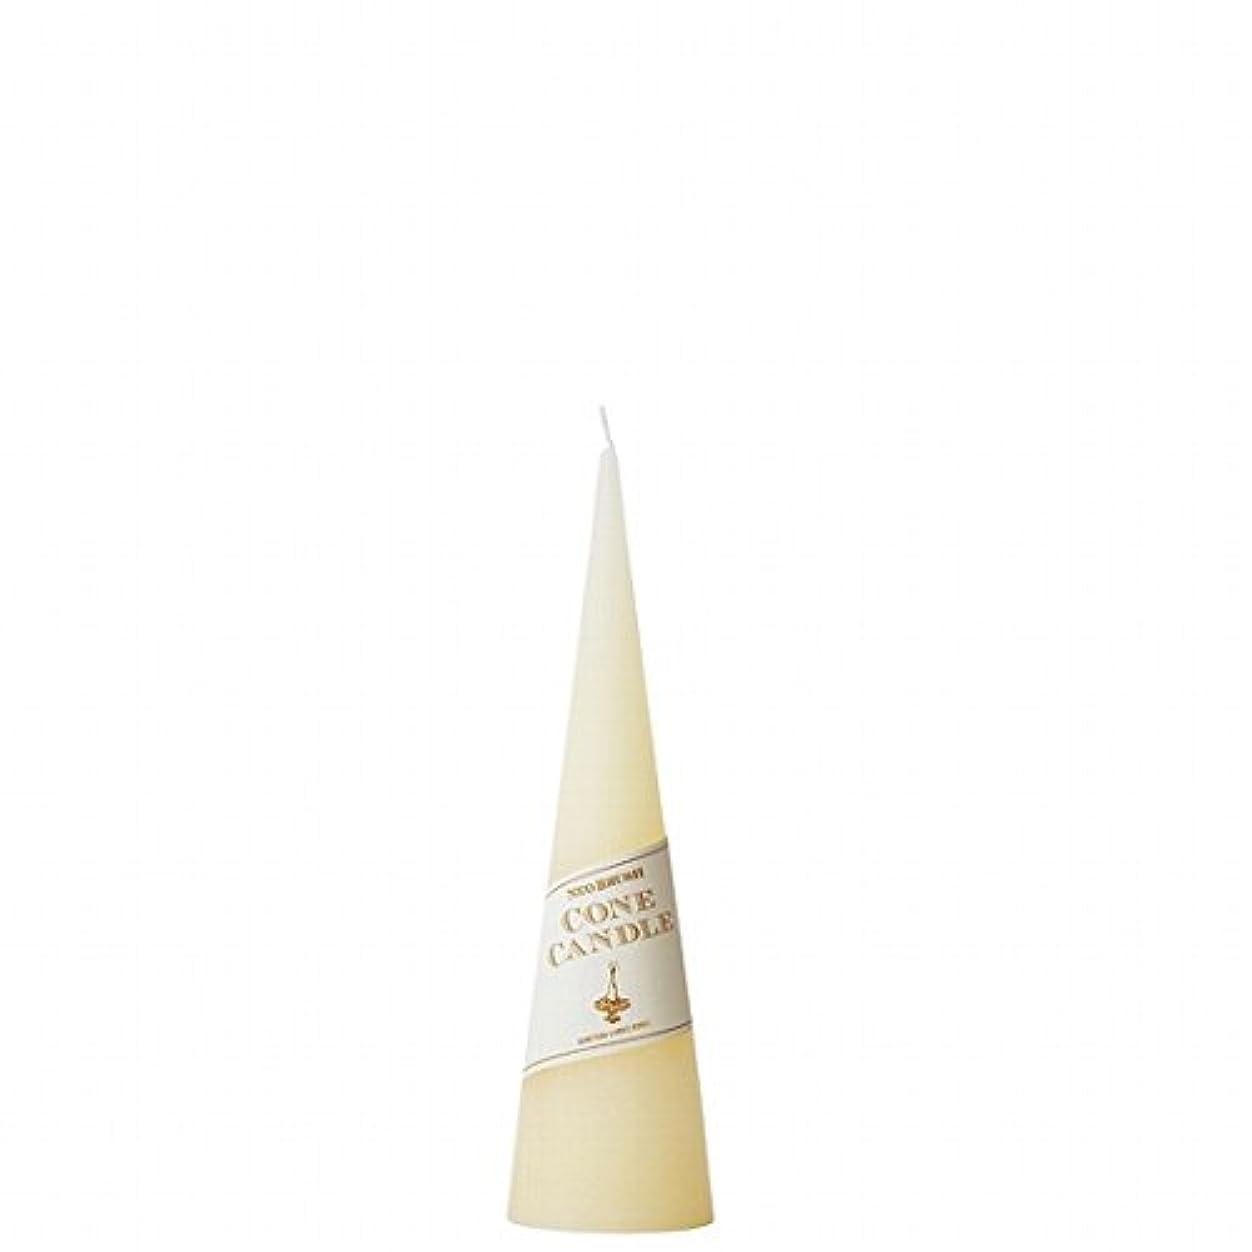 政治的成熟既婚kameyama candle(カメヤマキャンドル) ネオブラッシュコーン 180 キャンドル 「 アイボリー 」(A9750010IV)